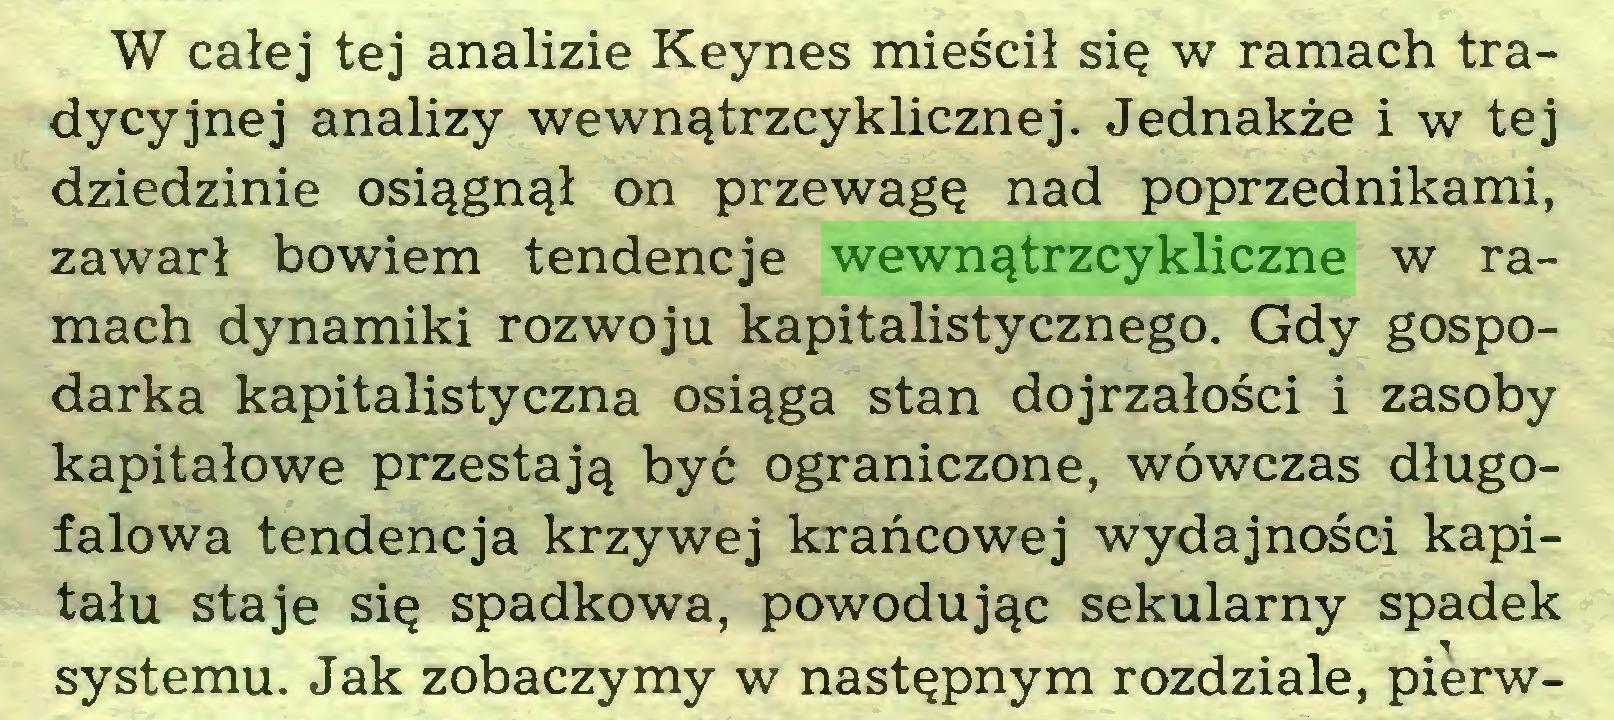 (...) W całej tej analizie Keynes mieścił się w ramach tradycyjnej analizy wewnątrzcyklicznej. Jednakże i w tej dziedzinie osiągnął on przewagę nad poprzednikami, zawarł bowiem tendencje wewnątrzcykliczne w ramach dynamiki rozwoju kapitalistycznego. Gdy gospodarka kapitalistyczna osiąga stan dojrzałości i zasoby kapitałowe przestają być ograniczone, wówczas długofalowa tendencja krzywej krańcowej wydajności kapitału staje się spadkowa, powodując sekularny spadek systemu. Jak zobaczymy w następnym rozdziale, pierw...